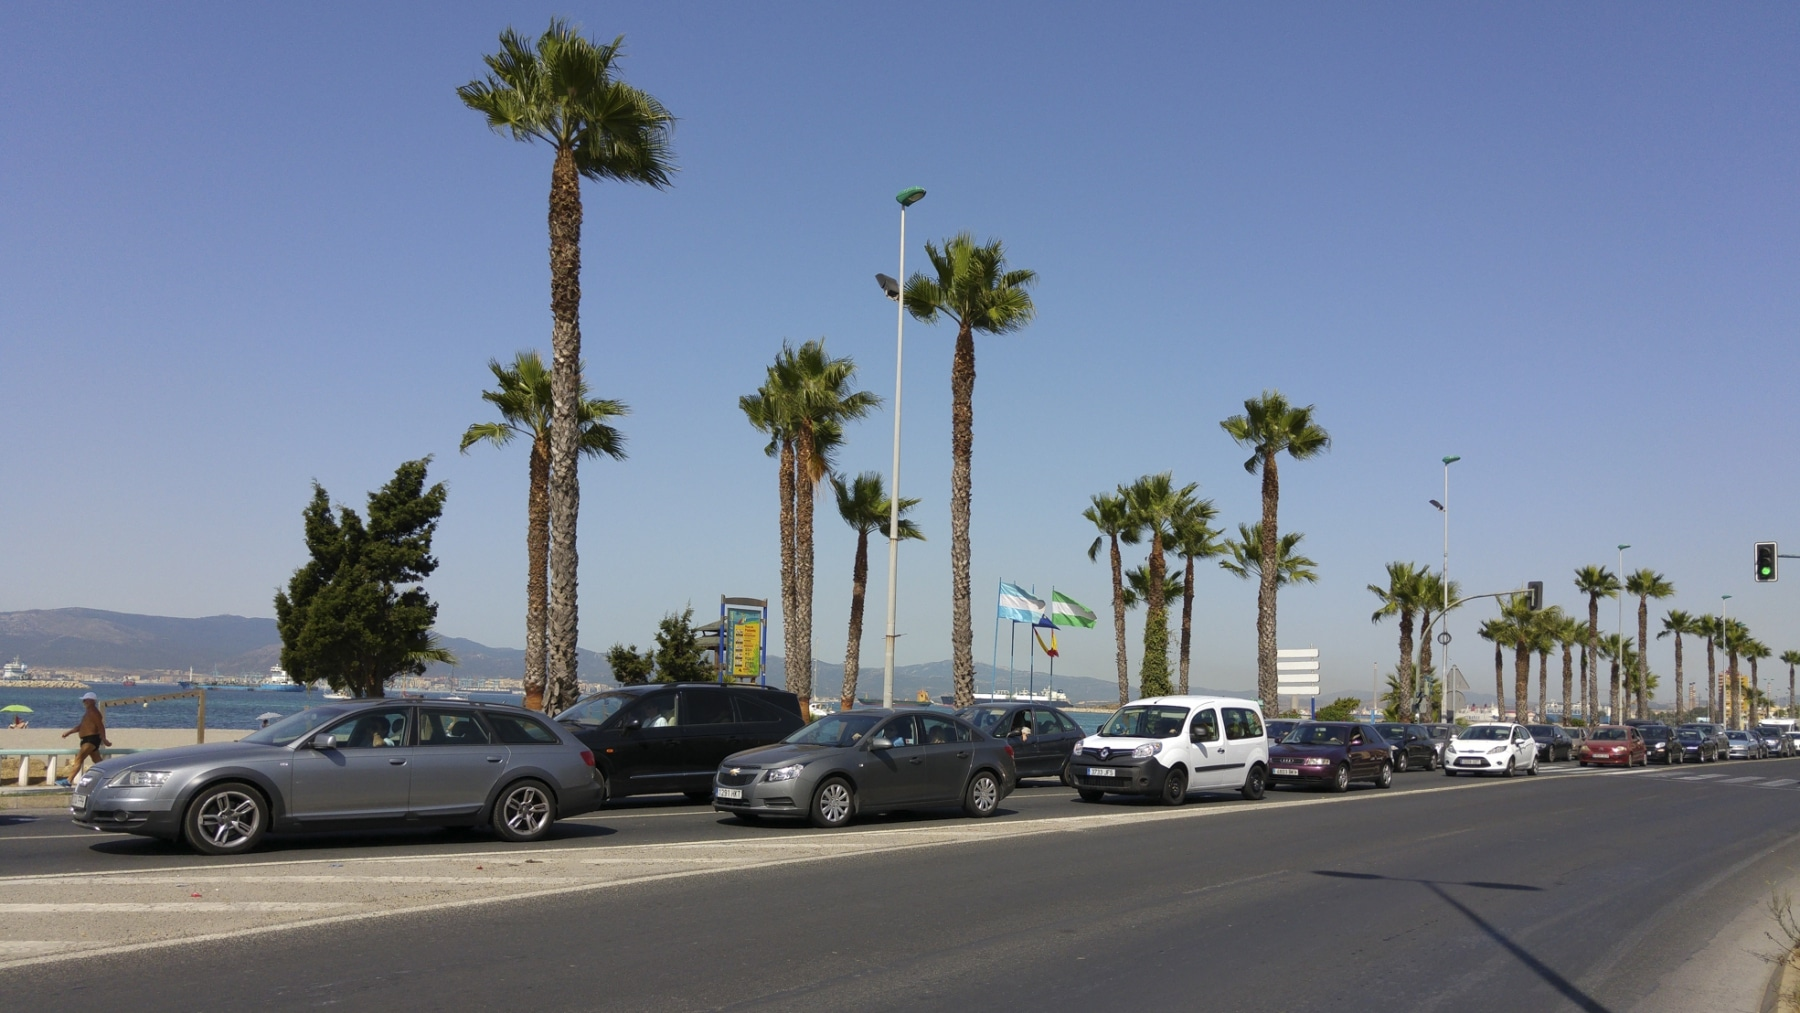 cola-entrada-a-gibraltar-28072015-01_19467065984_o